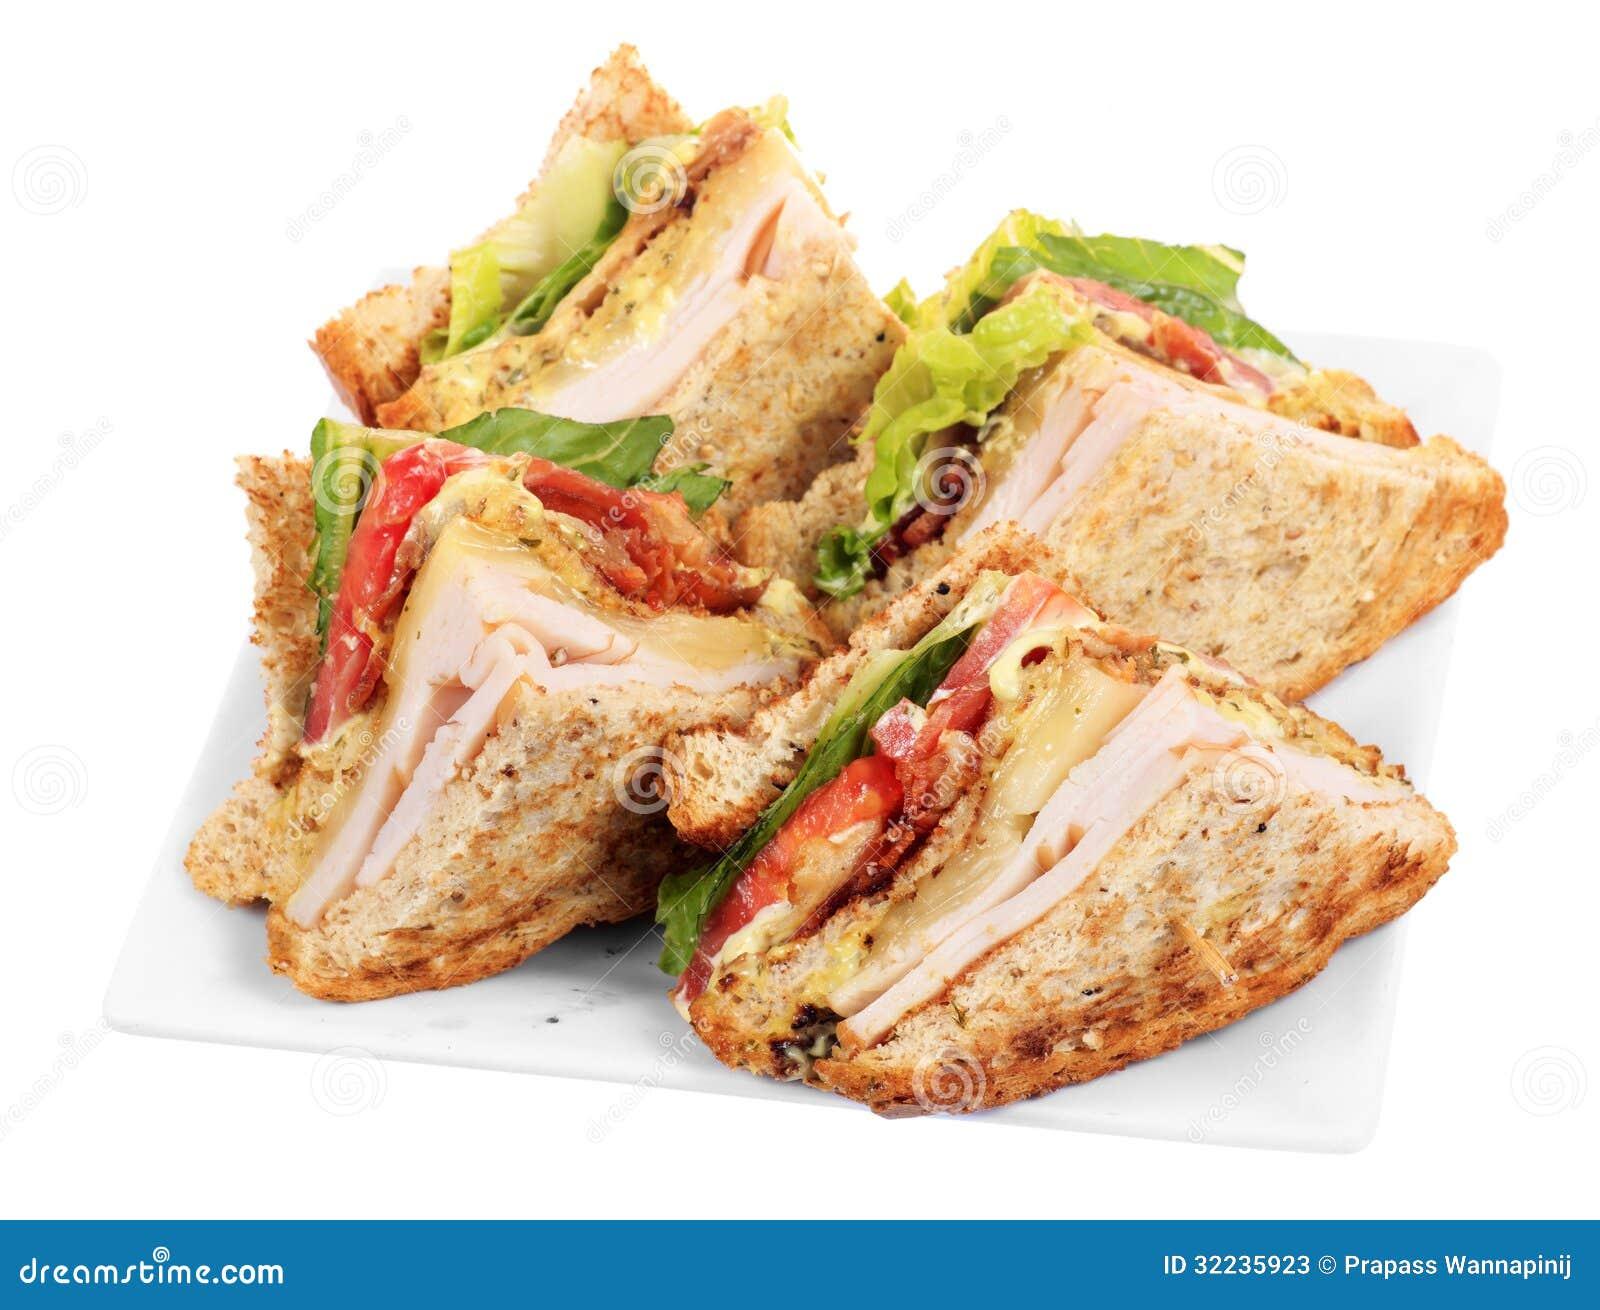 club sandwich lobster club sandwich cobb club sandwich classic club ...